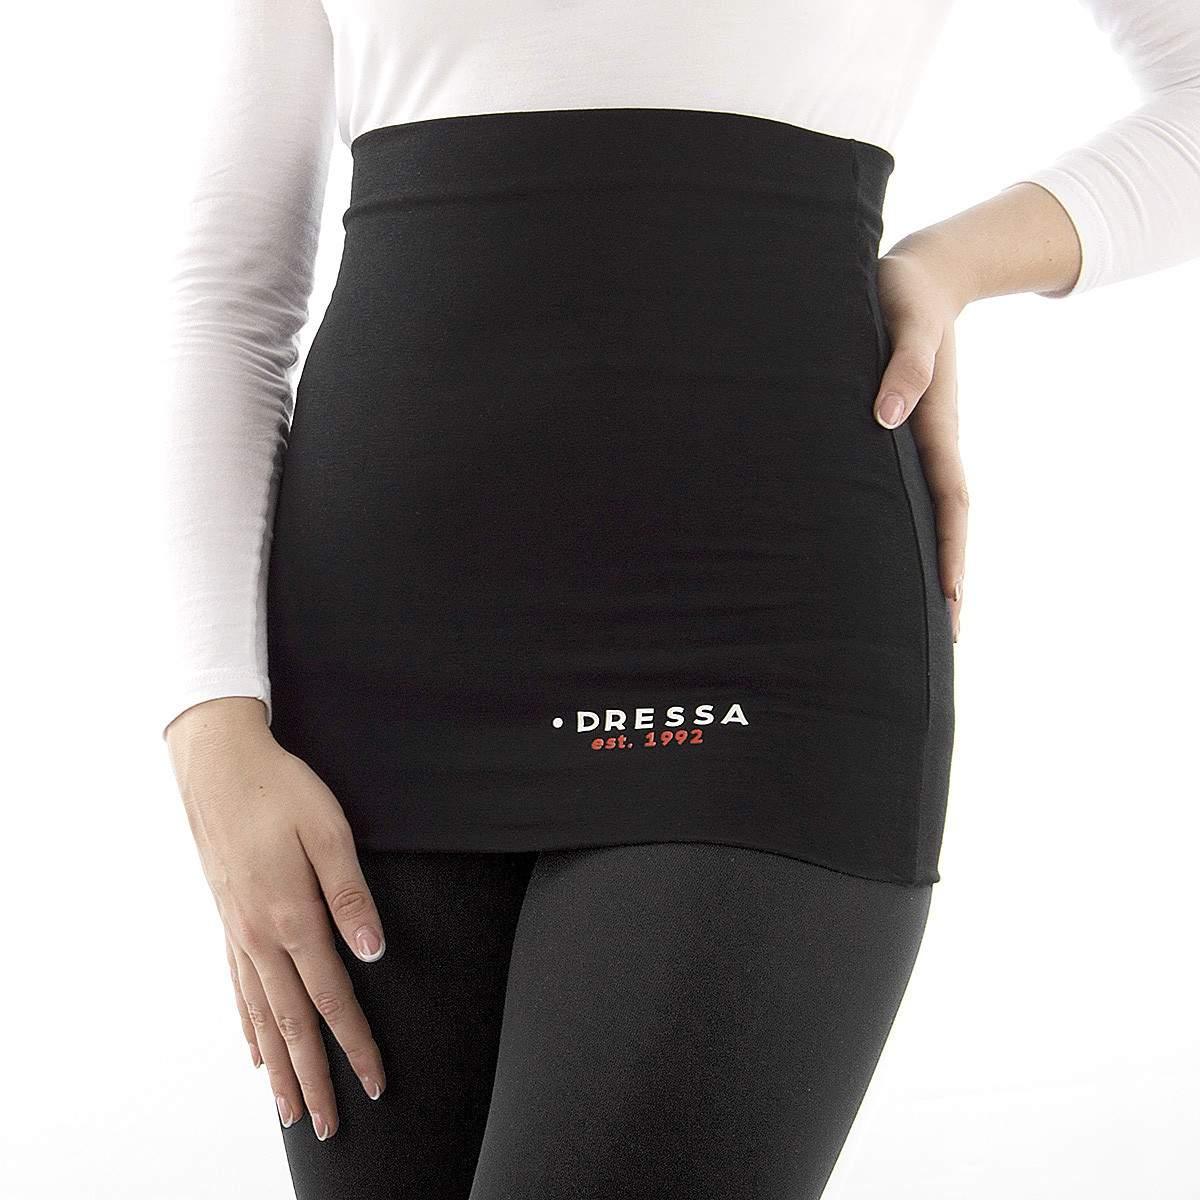 Dressa hosszú női derékmelegítő - fekete